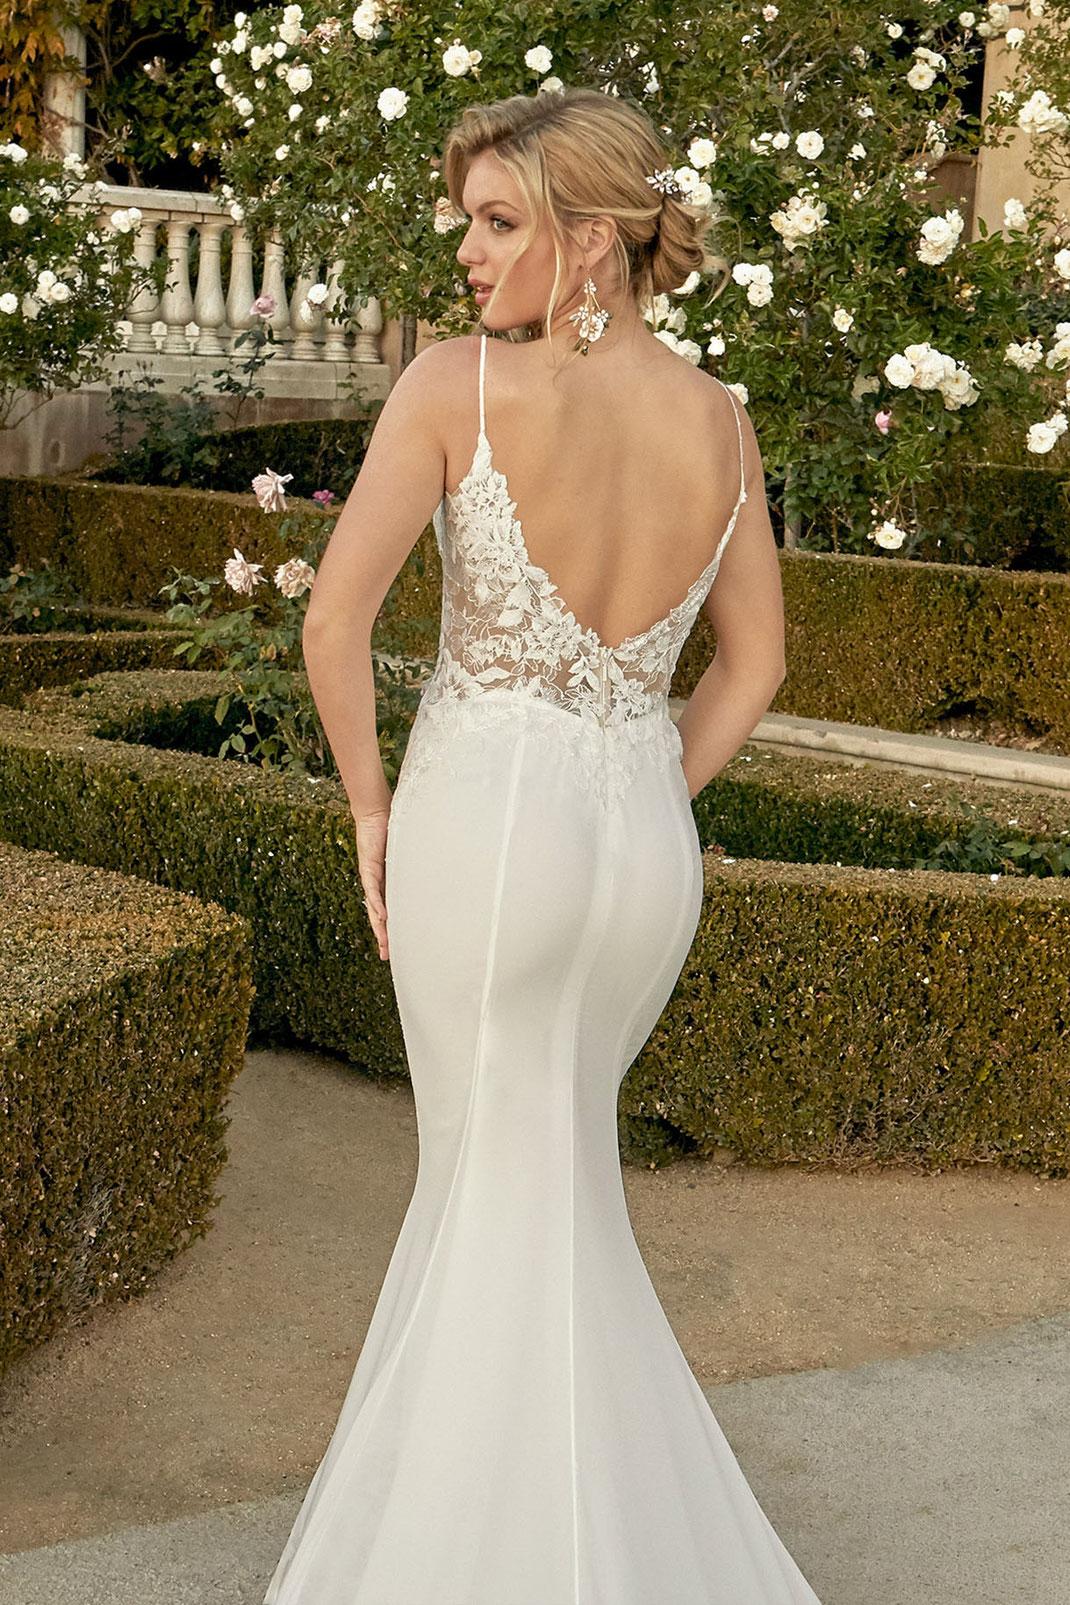 Brautkleider der Casablanca Bridal Kollektion 2022